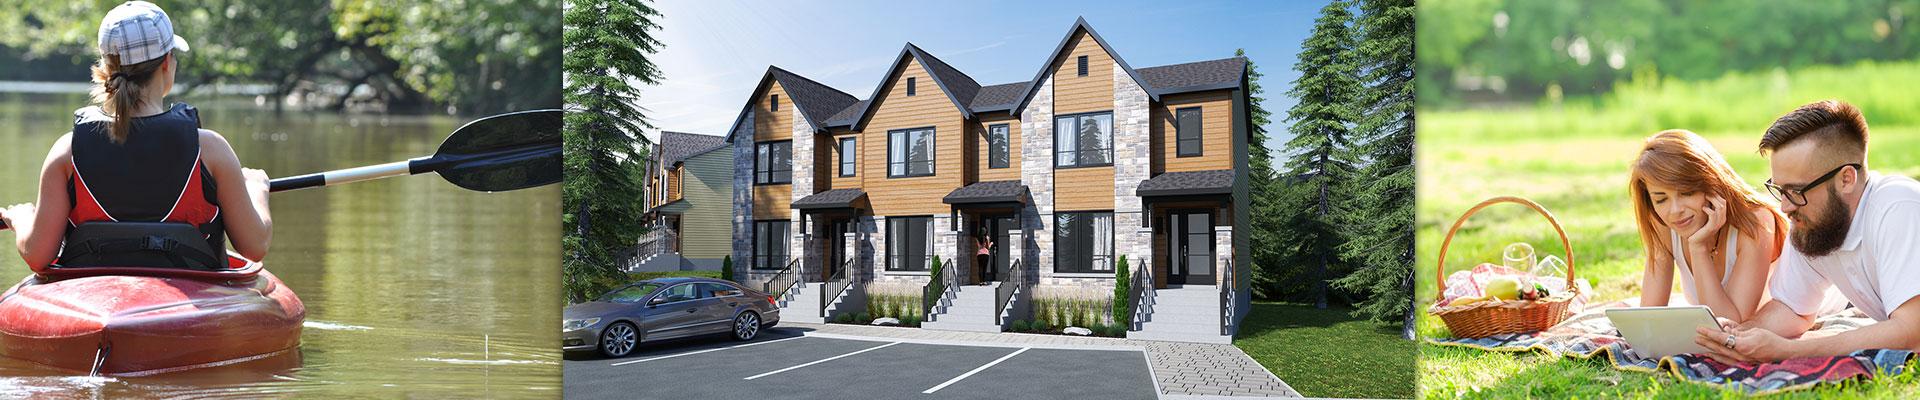 projet cl en main de maisons neuves tremblant promotion via tremblant. Black Bedroom Furniture Sets. Home Design Ideas